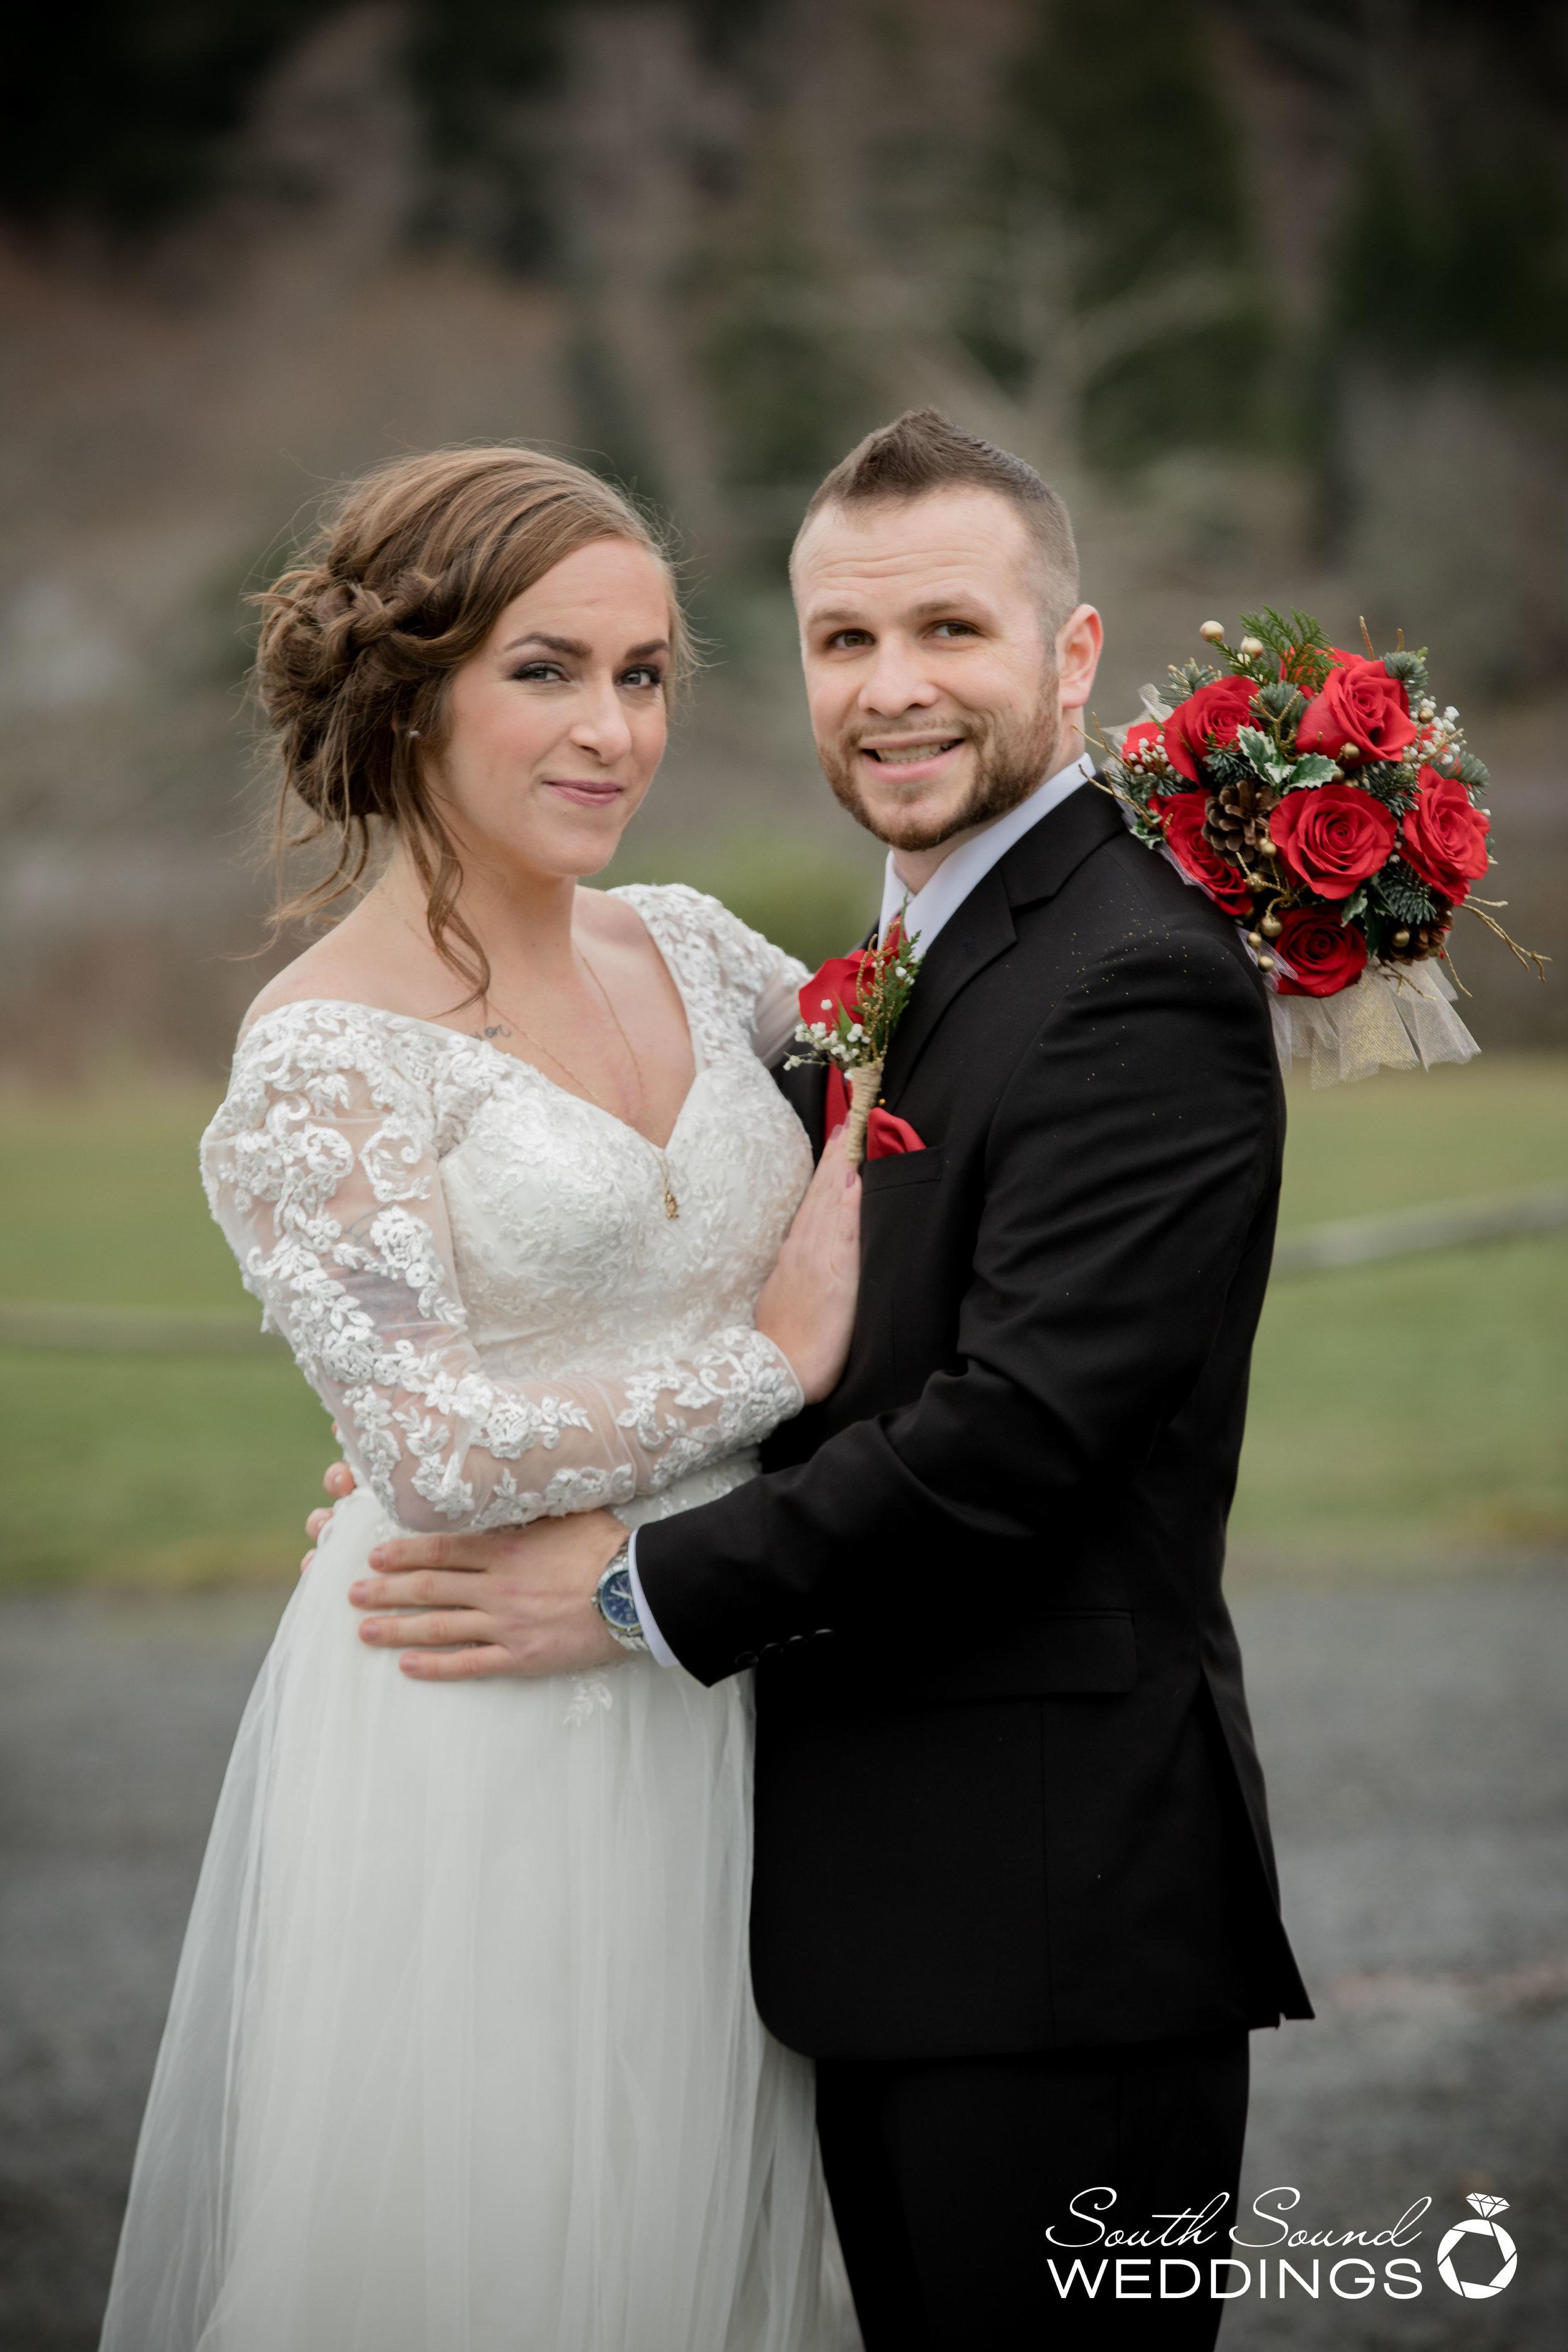 Allie & Luke - married on 12/15/18